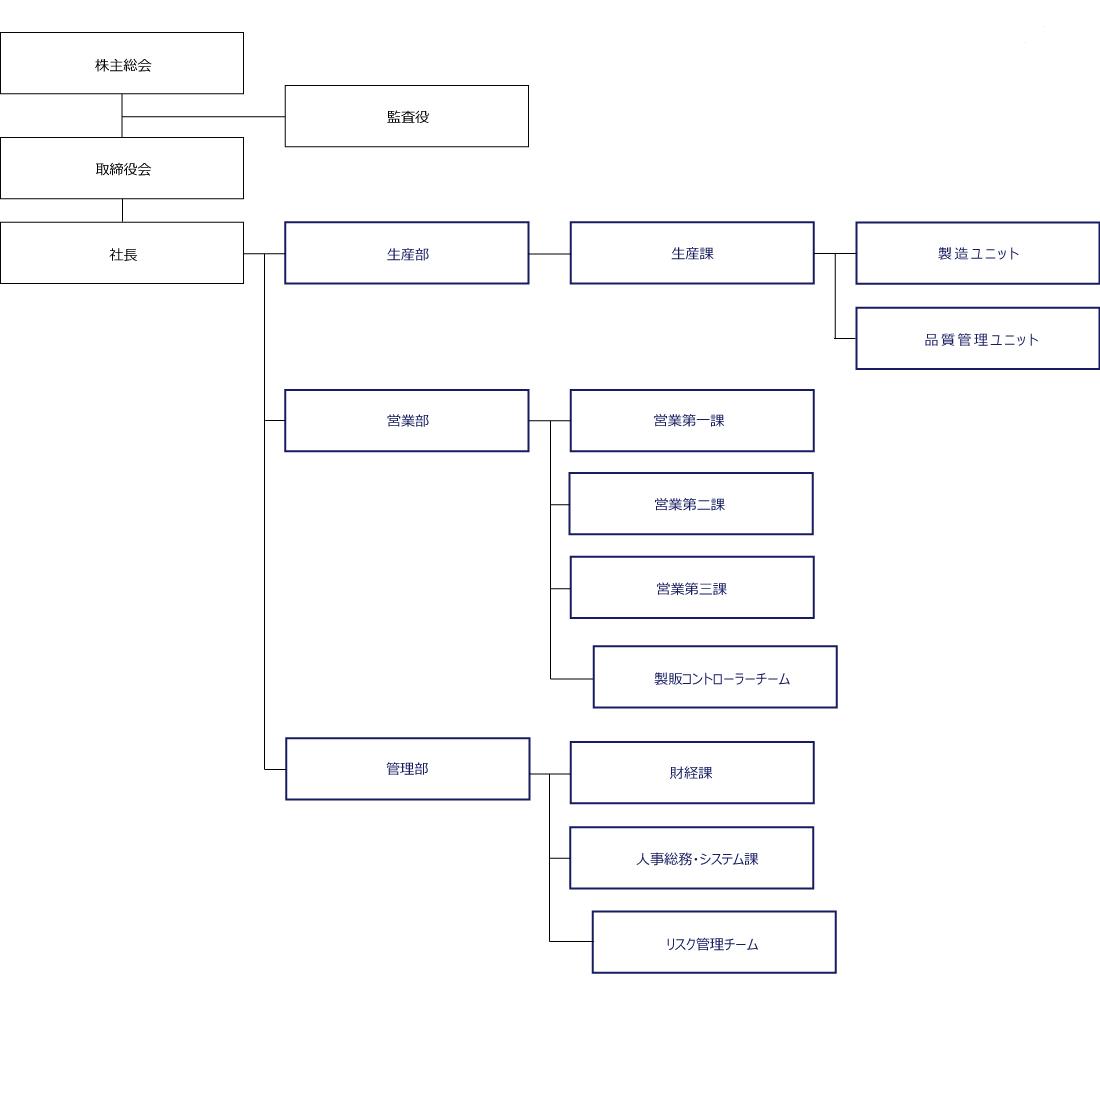 第一紡績グループ組織図